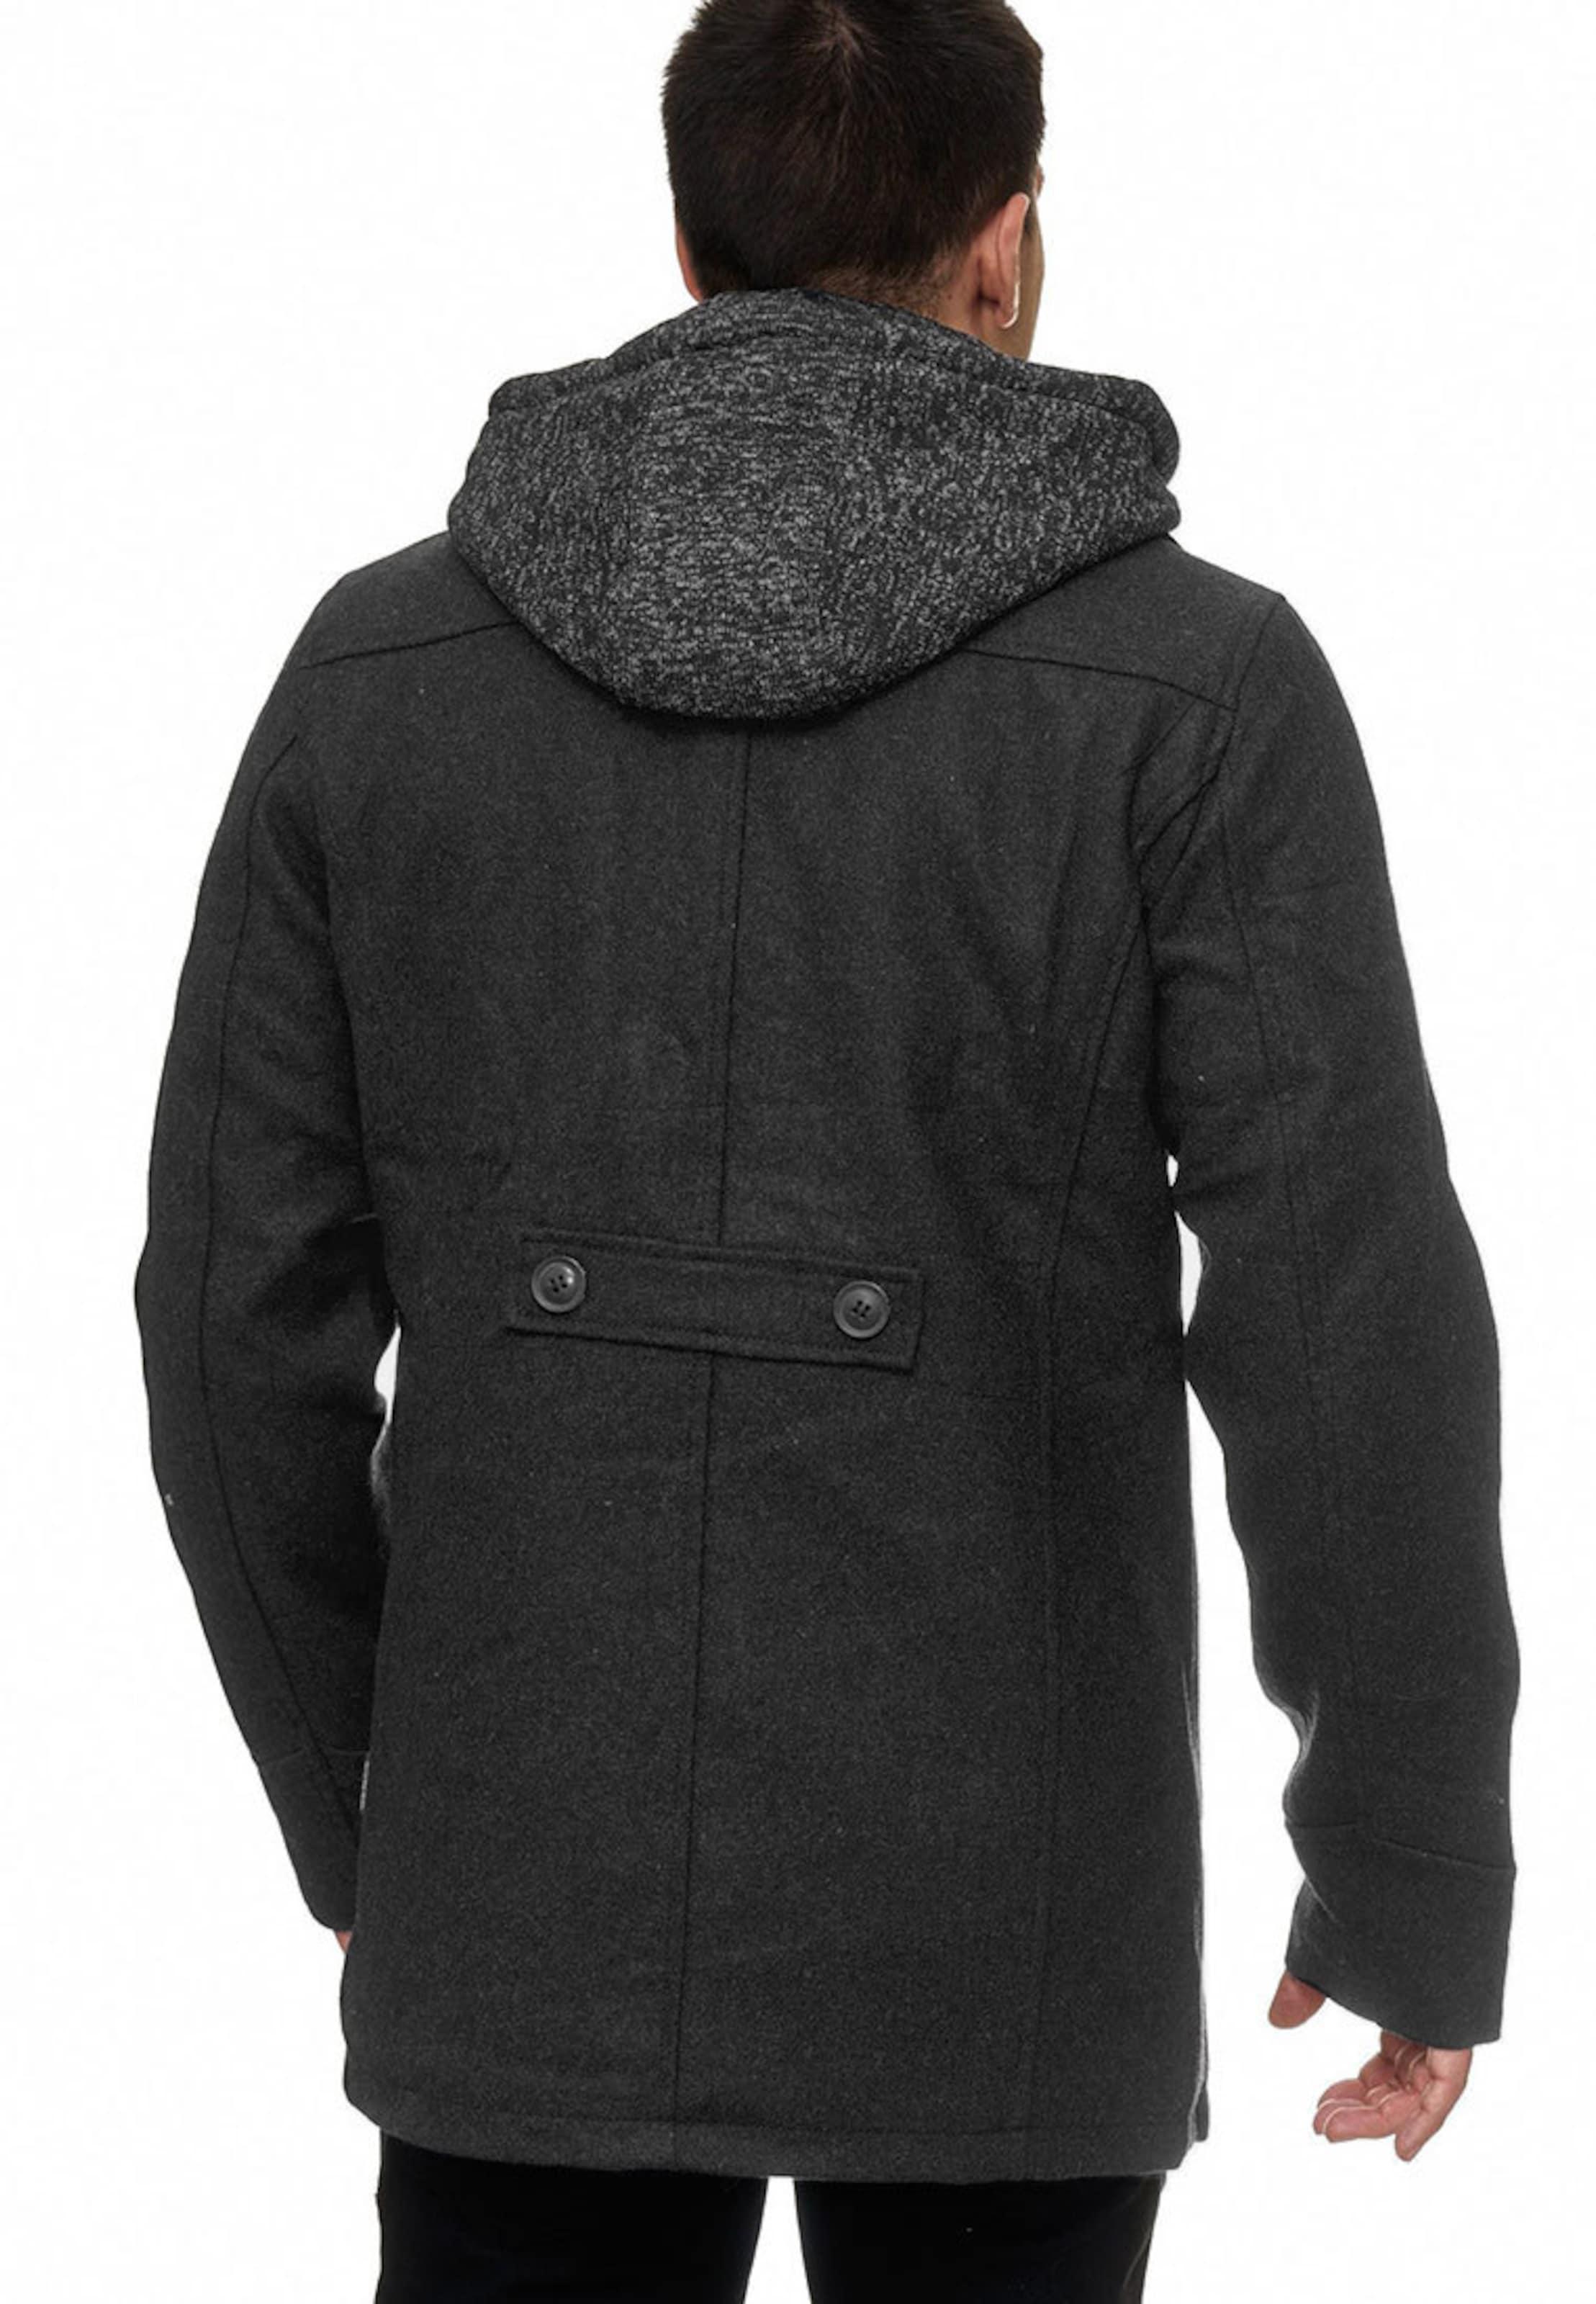 Jeans Indicode En D'hiver Jacke ' Cliff Gris Chiné Manteau 4jAqSc5RL3